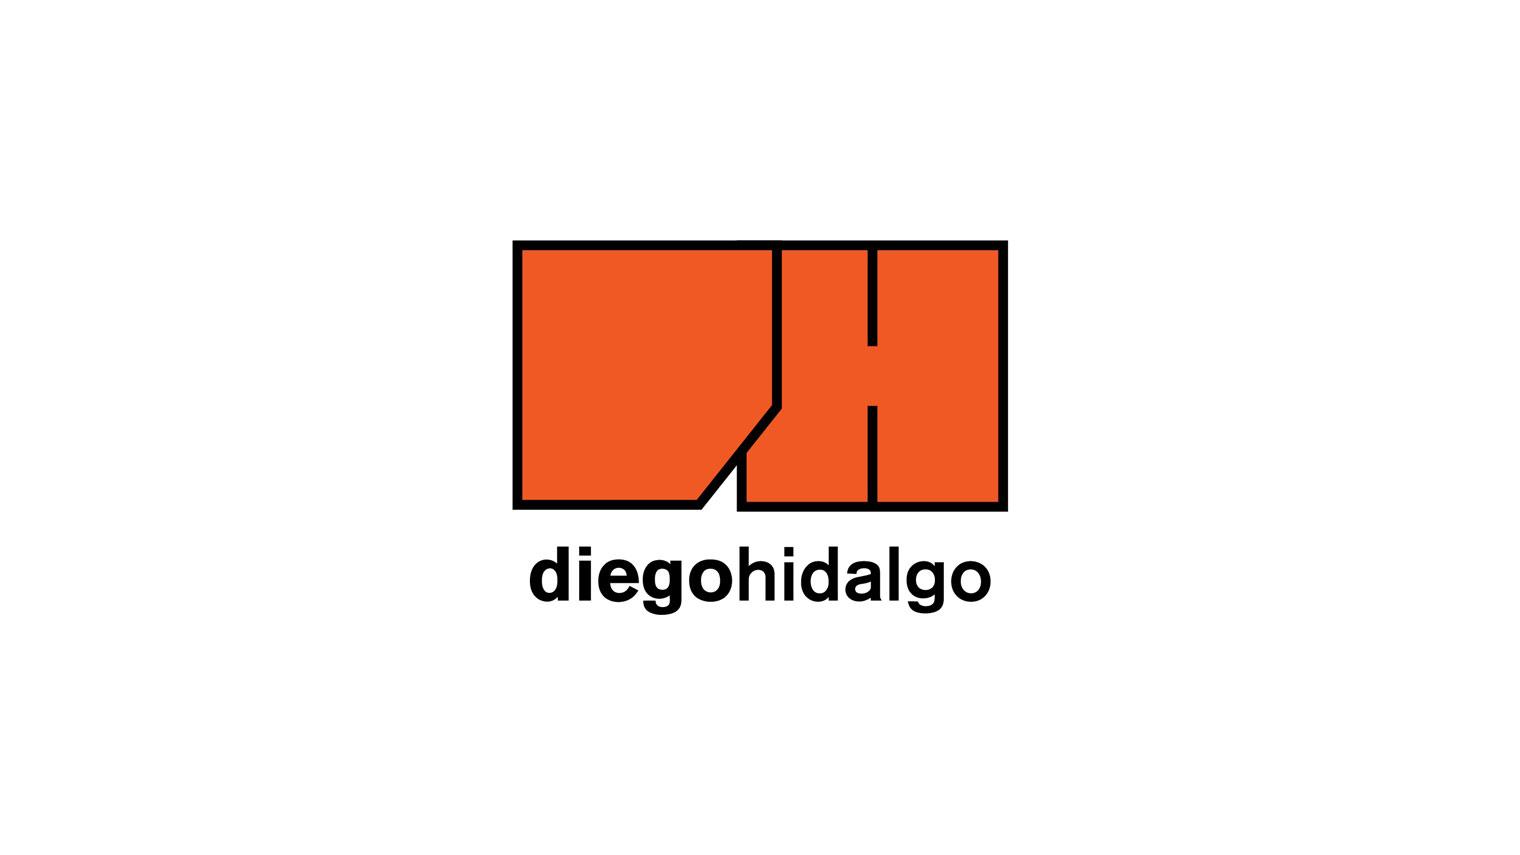 trabajo en el curso de diseño gráfico en Elche de Diego Hidalgo